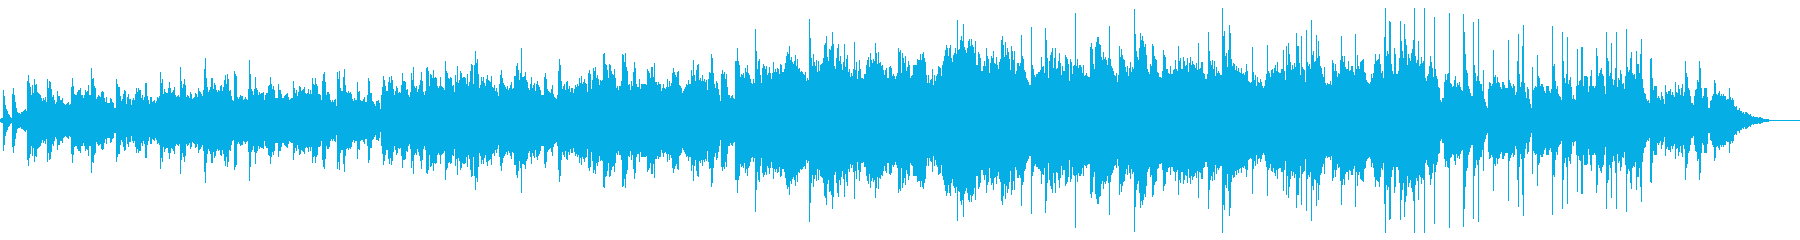 伝統的なケルト音楽に触発された高速...の再生済みの波形